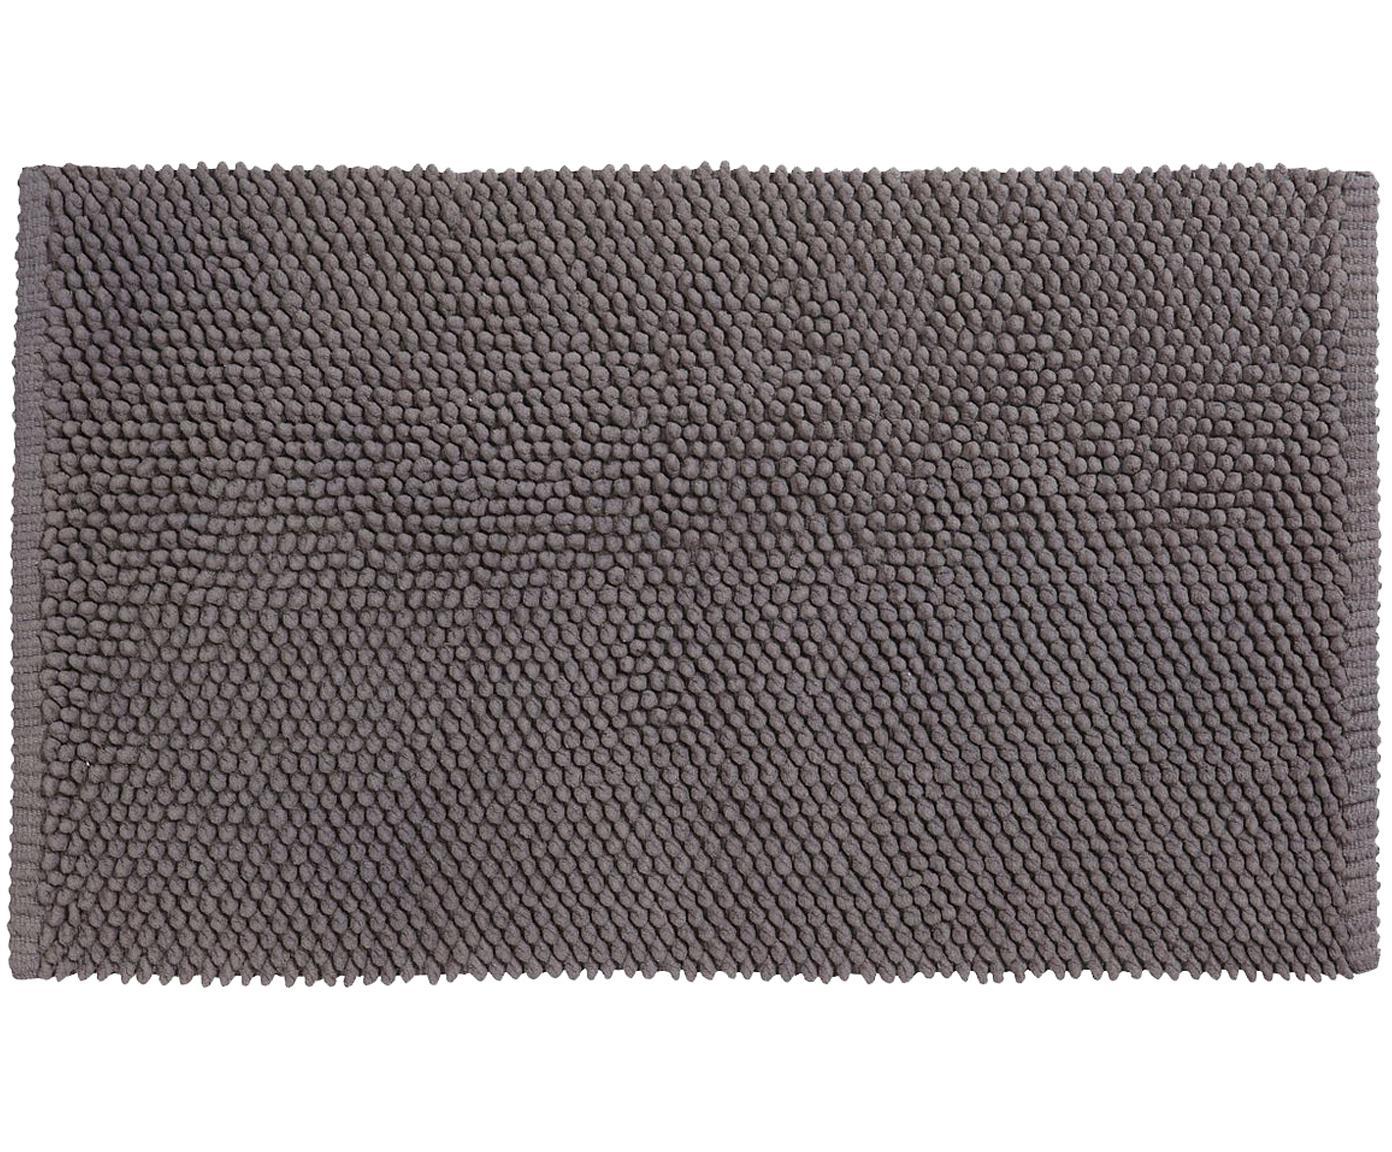 Dywanik łazienkowy Anja, Bawełna, Szary, S 50 x D 80 cm